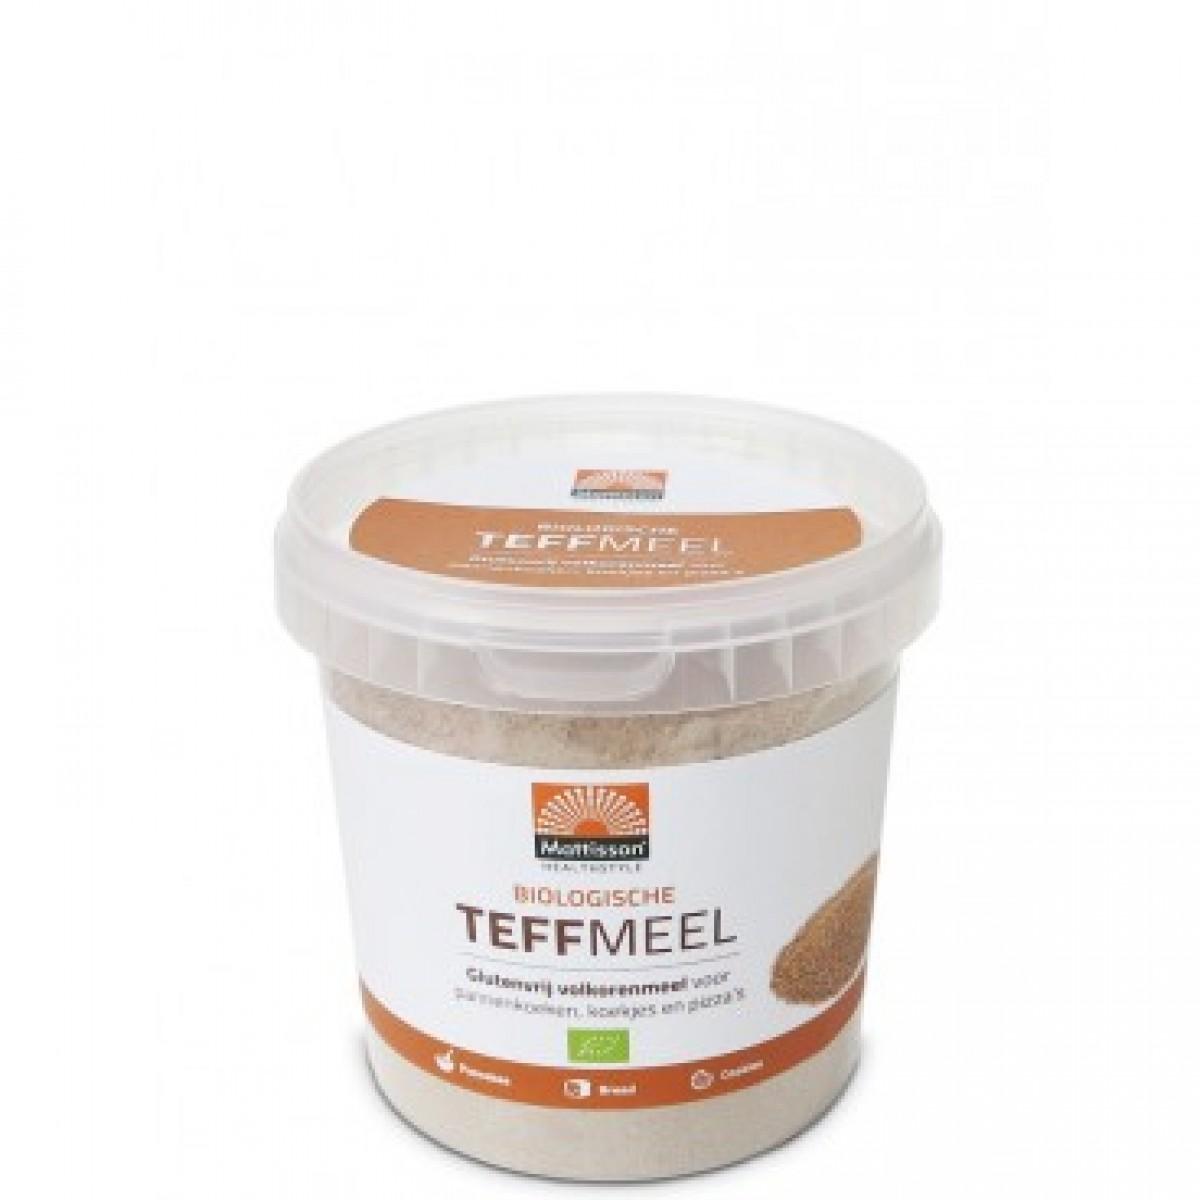 Teffmeel